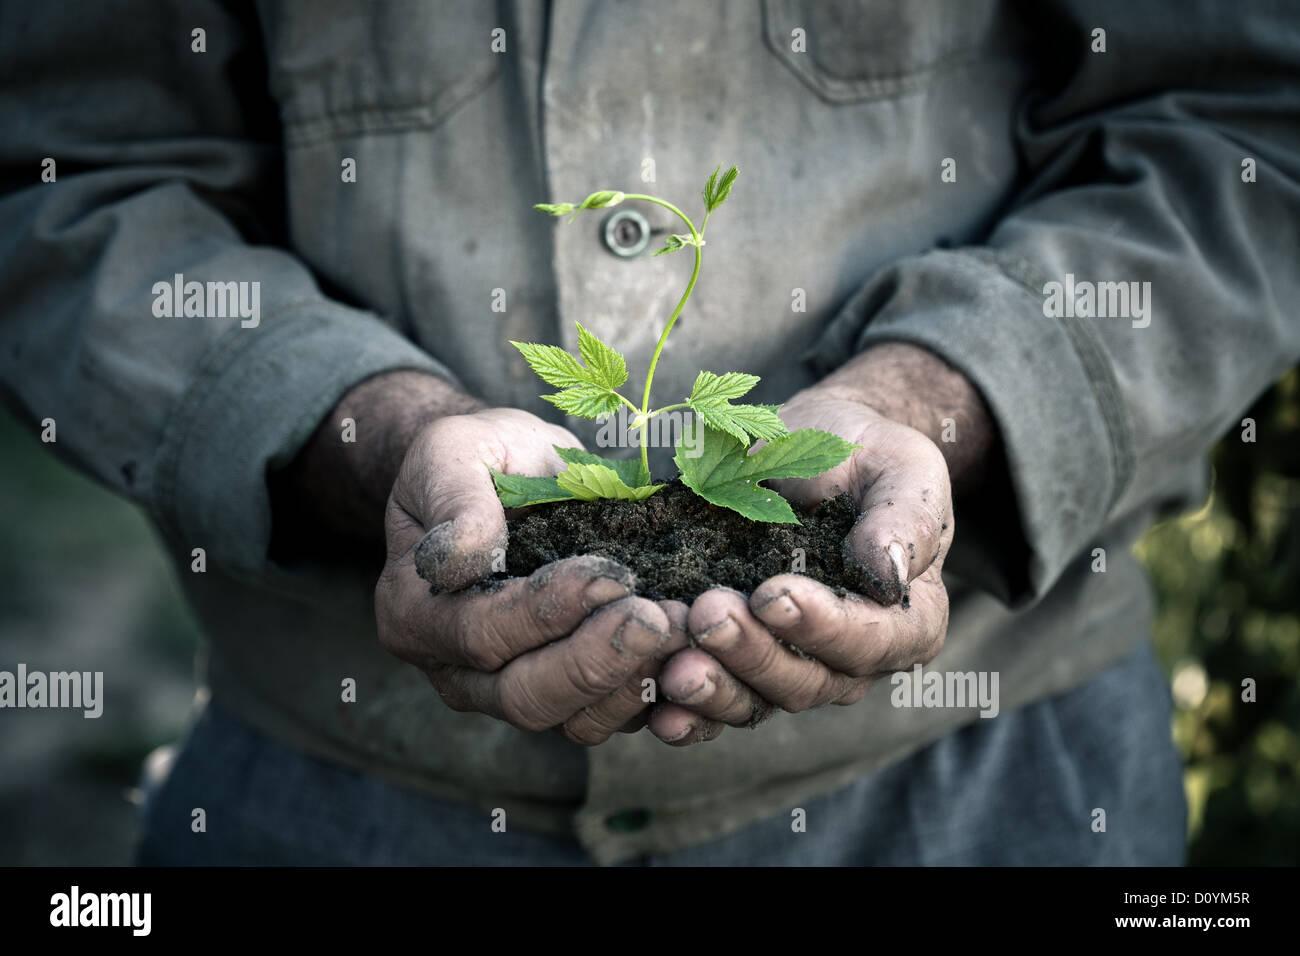 Mains tenant un homme jeune plante verte Photo Stock